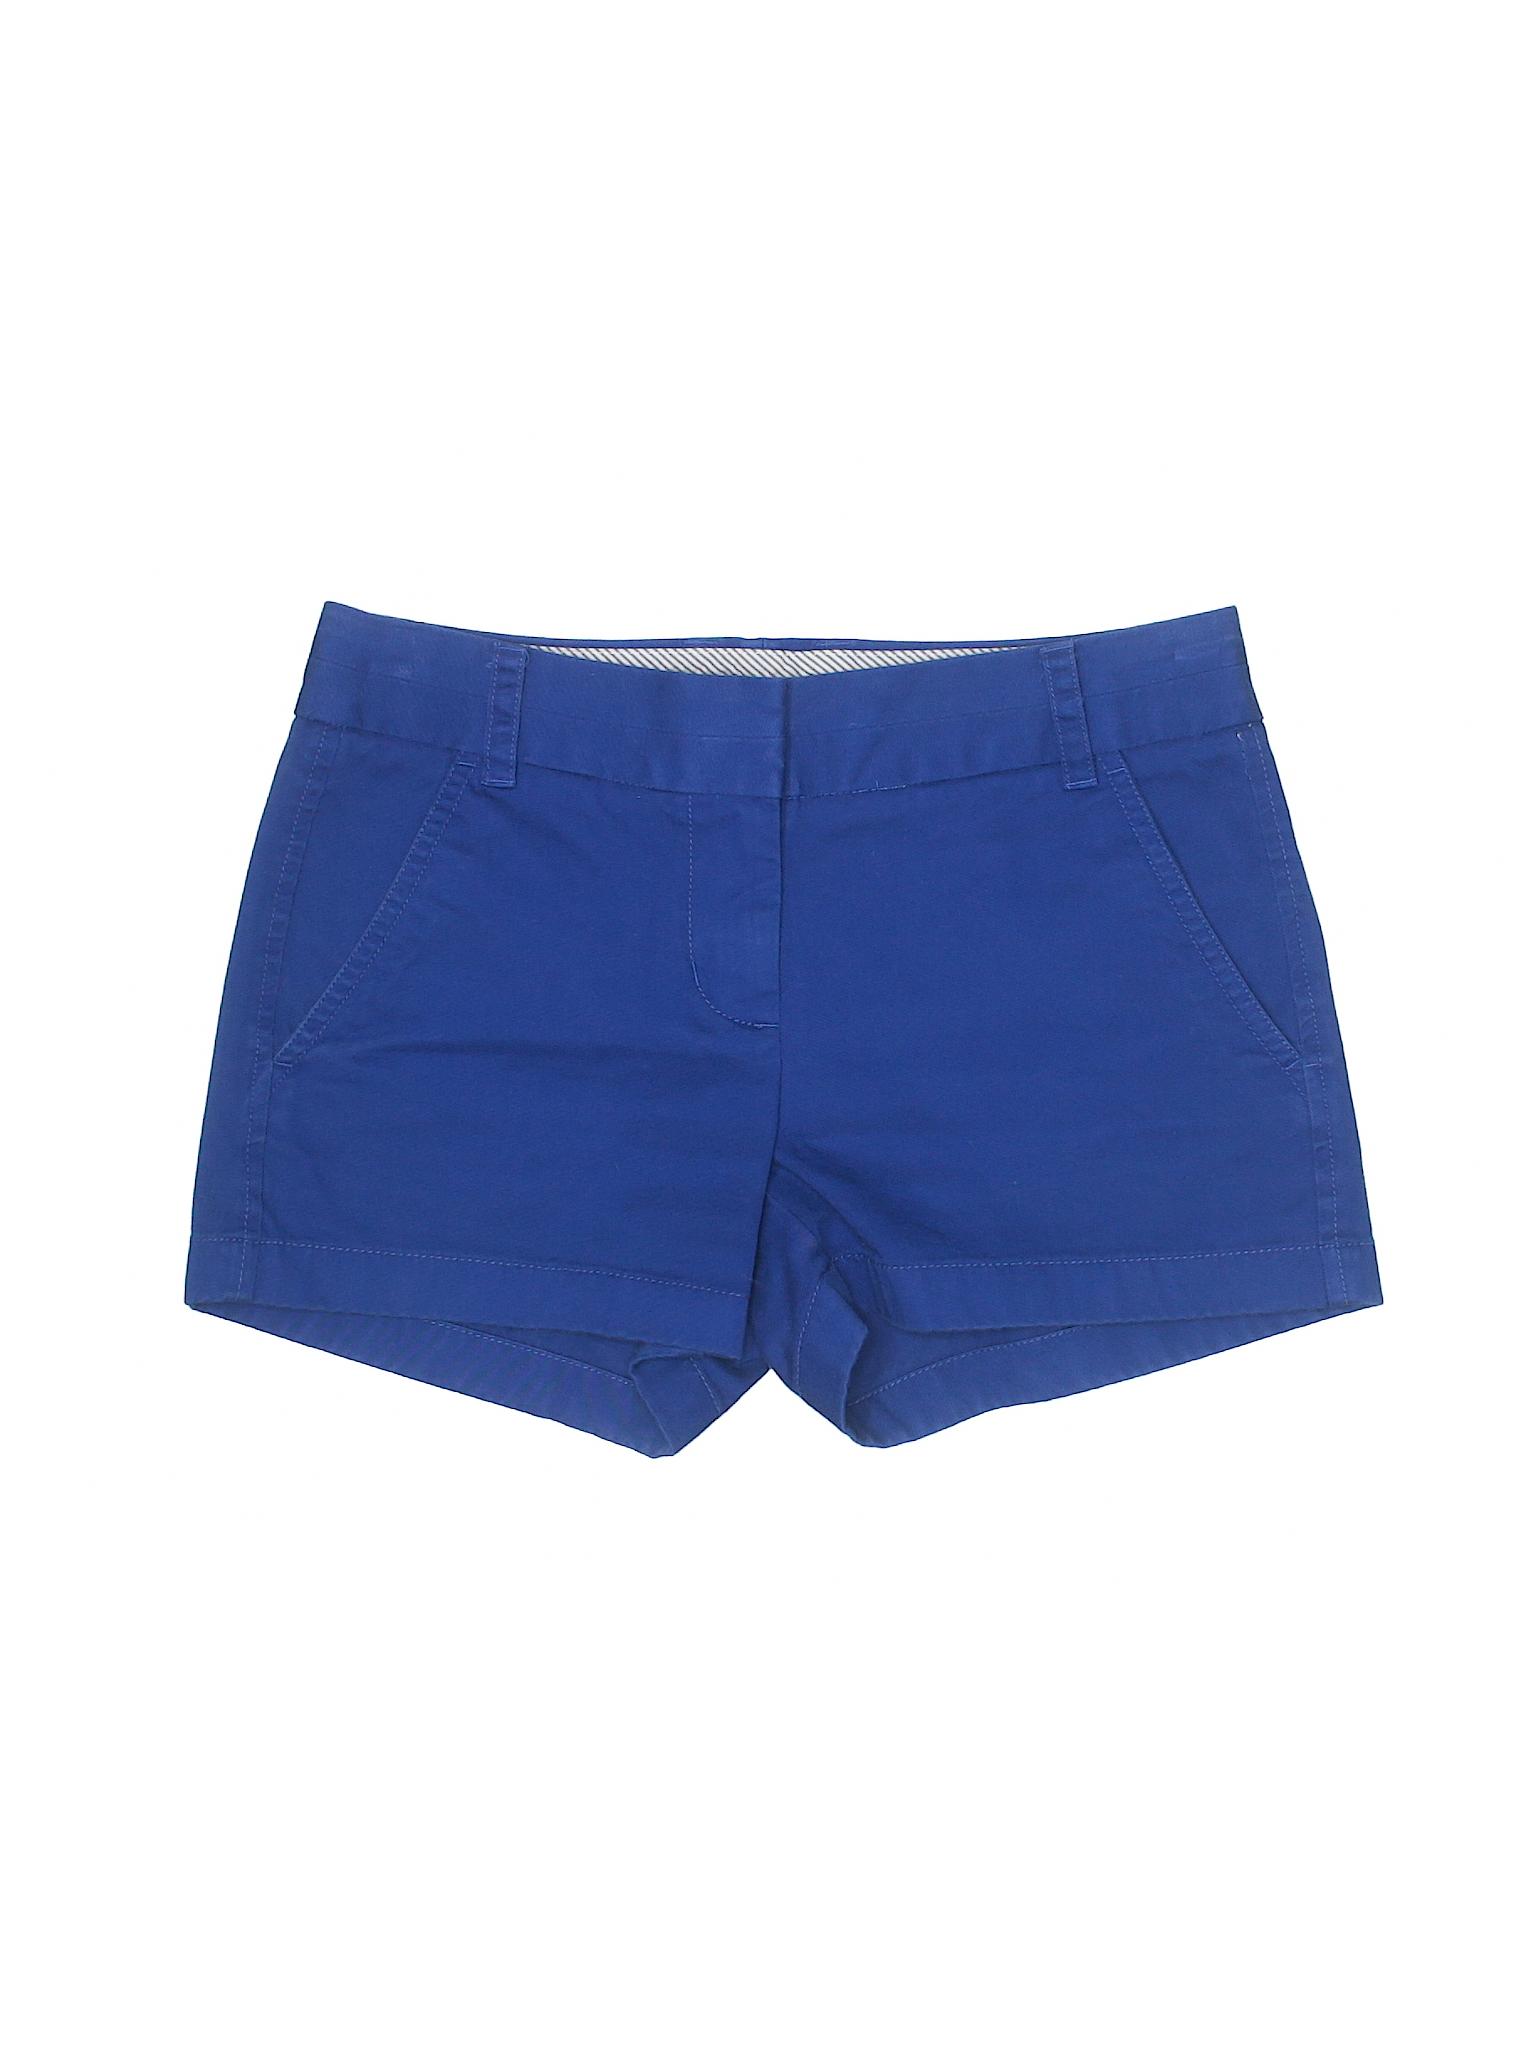 Boutique Khaki Shorts J Boutique J Crew f0wqfrY